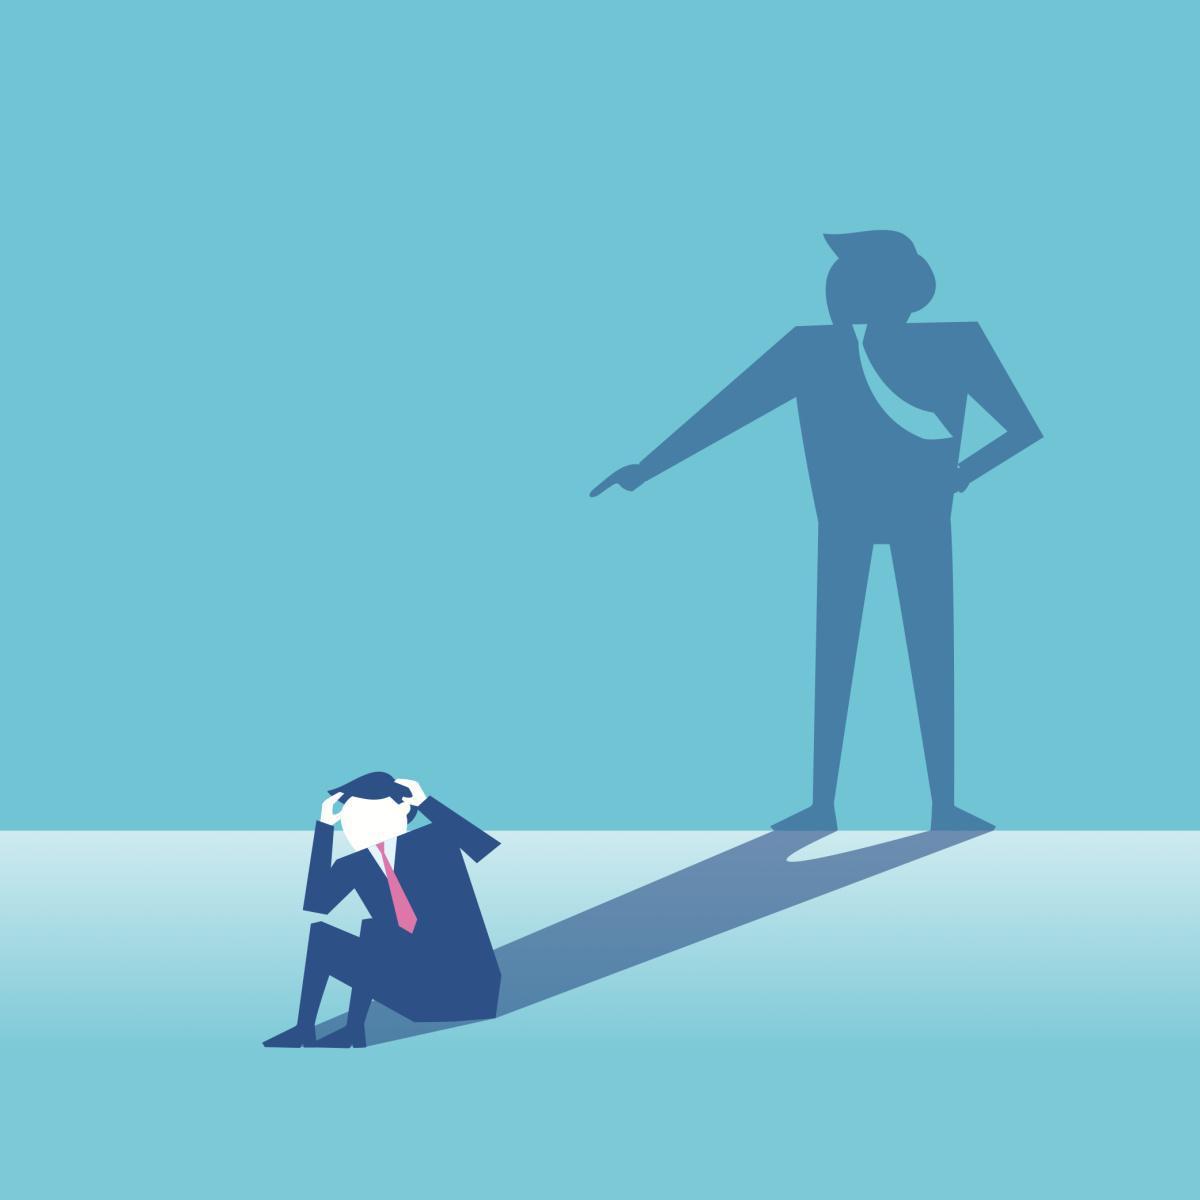 Quand le management est à l'origine des maux du travail : après la crise sanitaire, quelle stratégie managériale ?